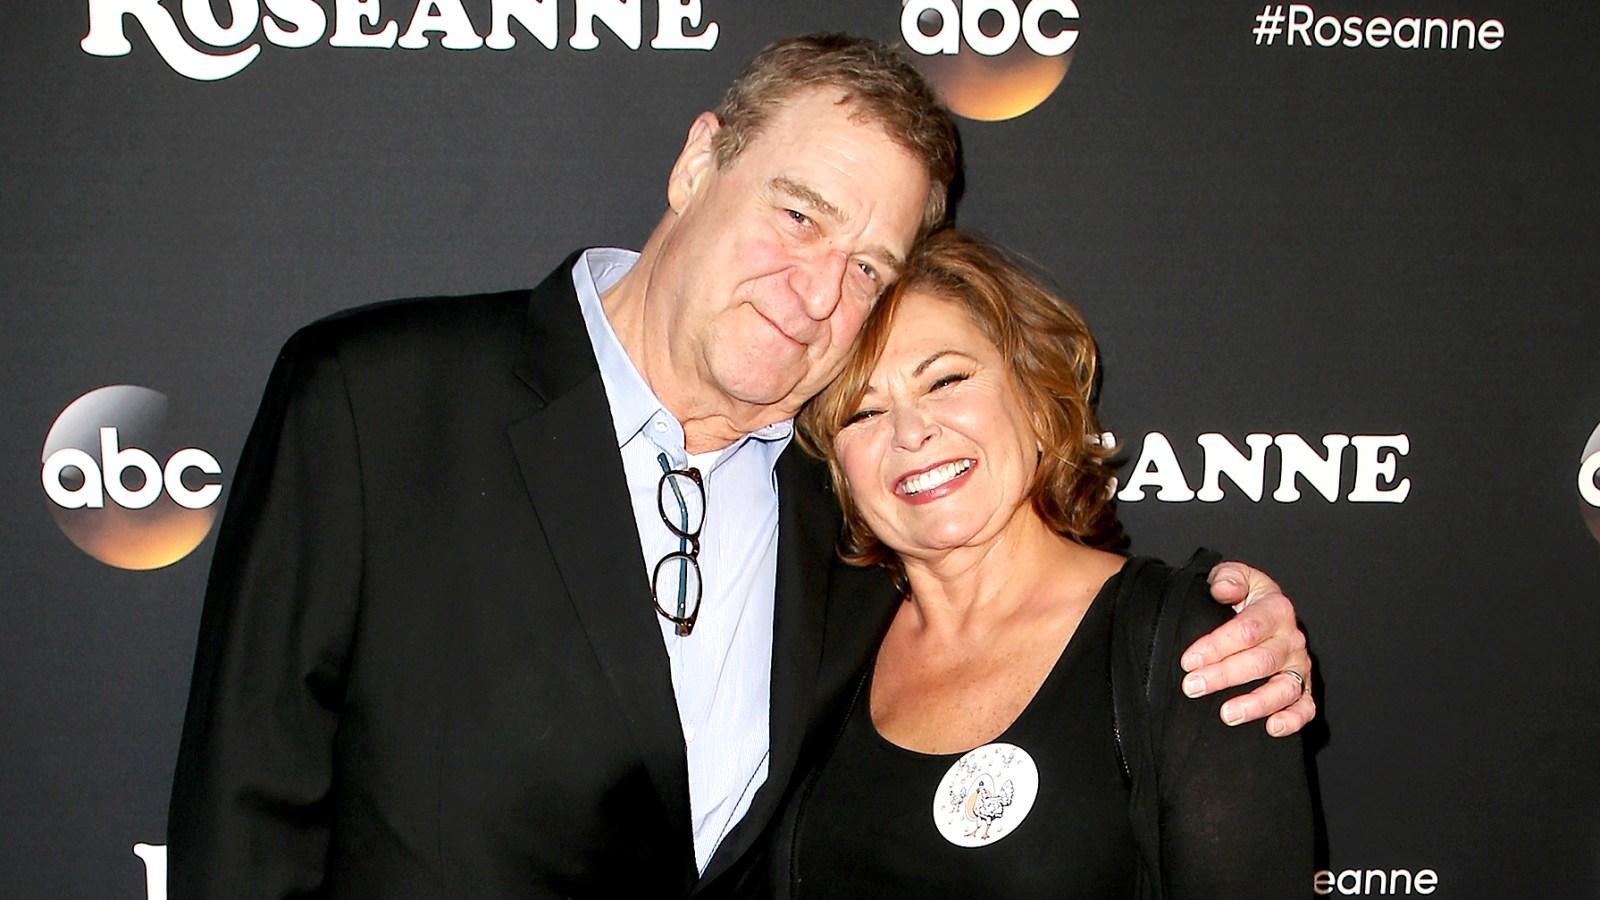 Roseanne Barr Thanks John Goodman for Defending Her